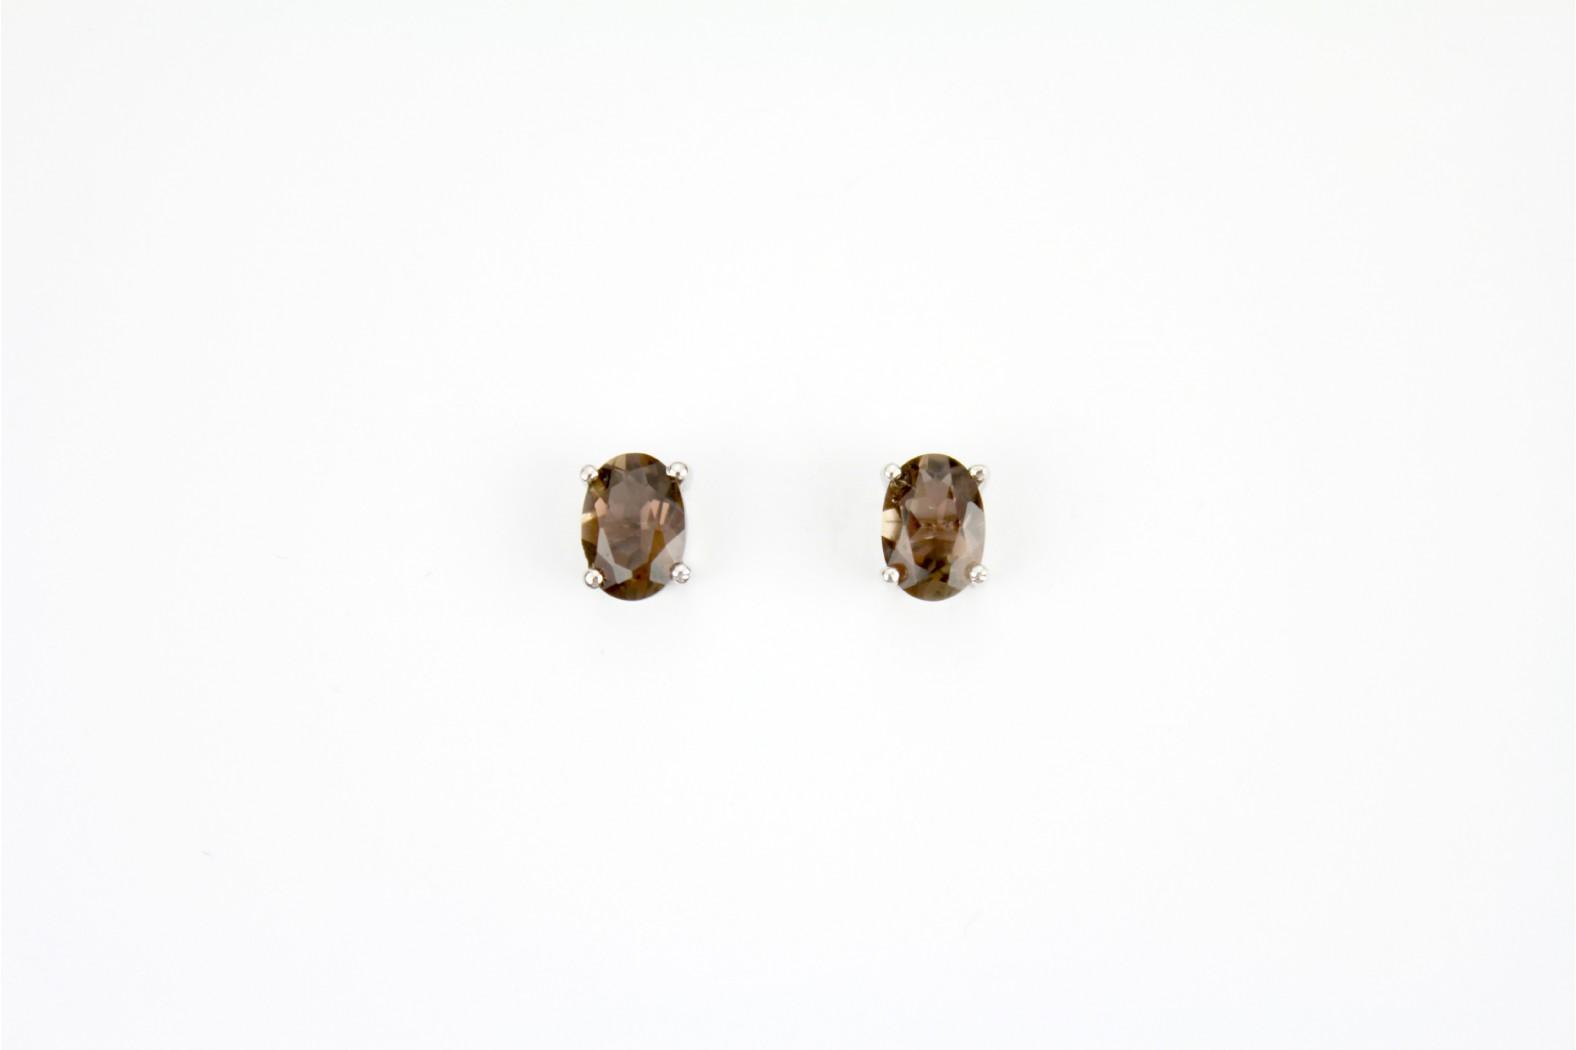 Beautiful Siberian Quartz stud earrings